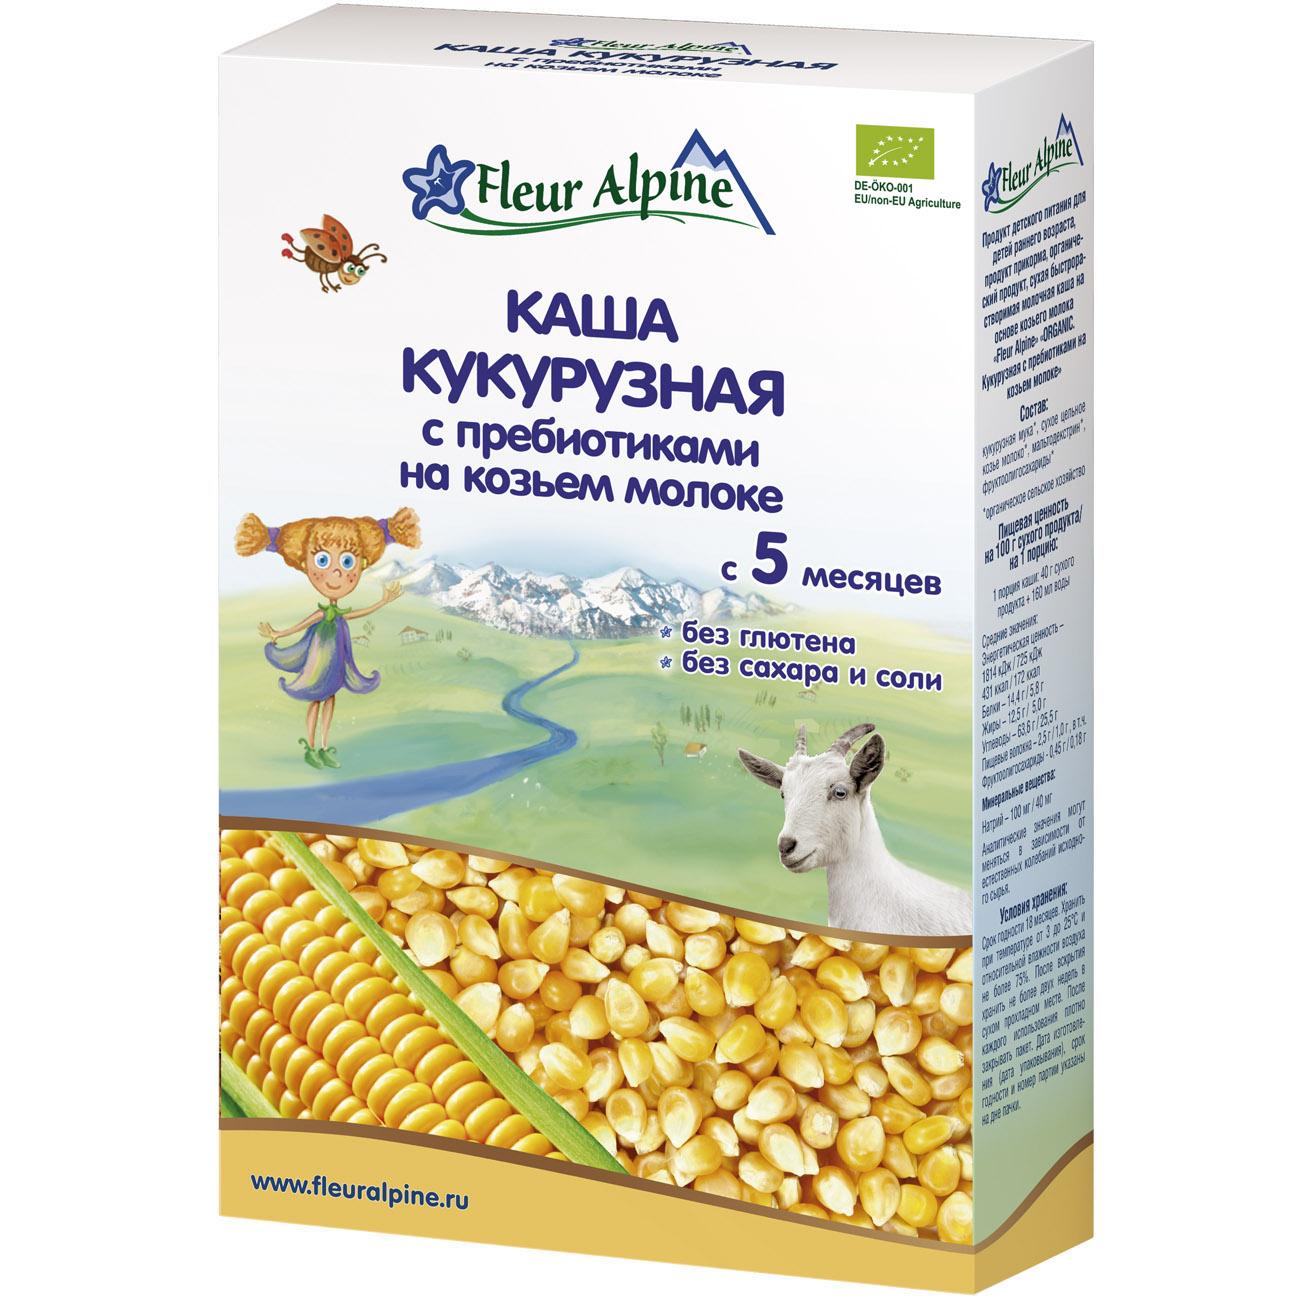 Каша Fleur Alpine Органик на козьем молоке 200 гр Кукурузная с пребиотиками (с 5 мес)<br>